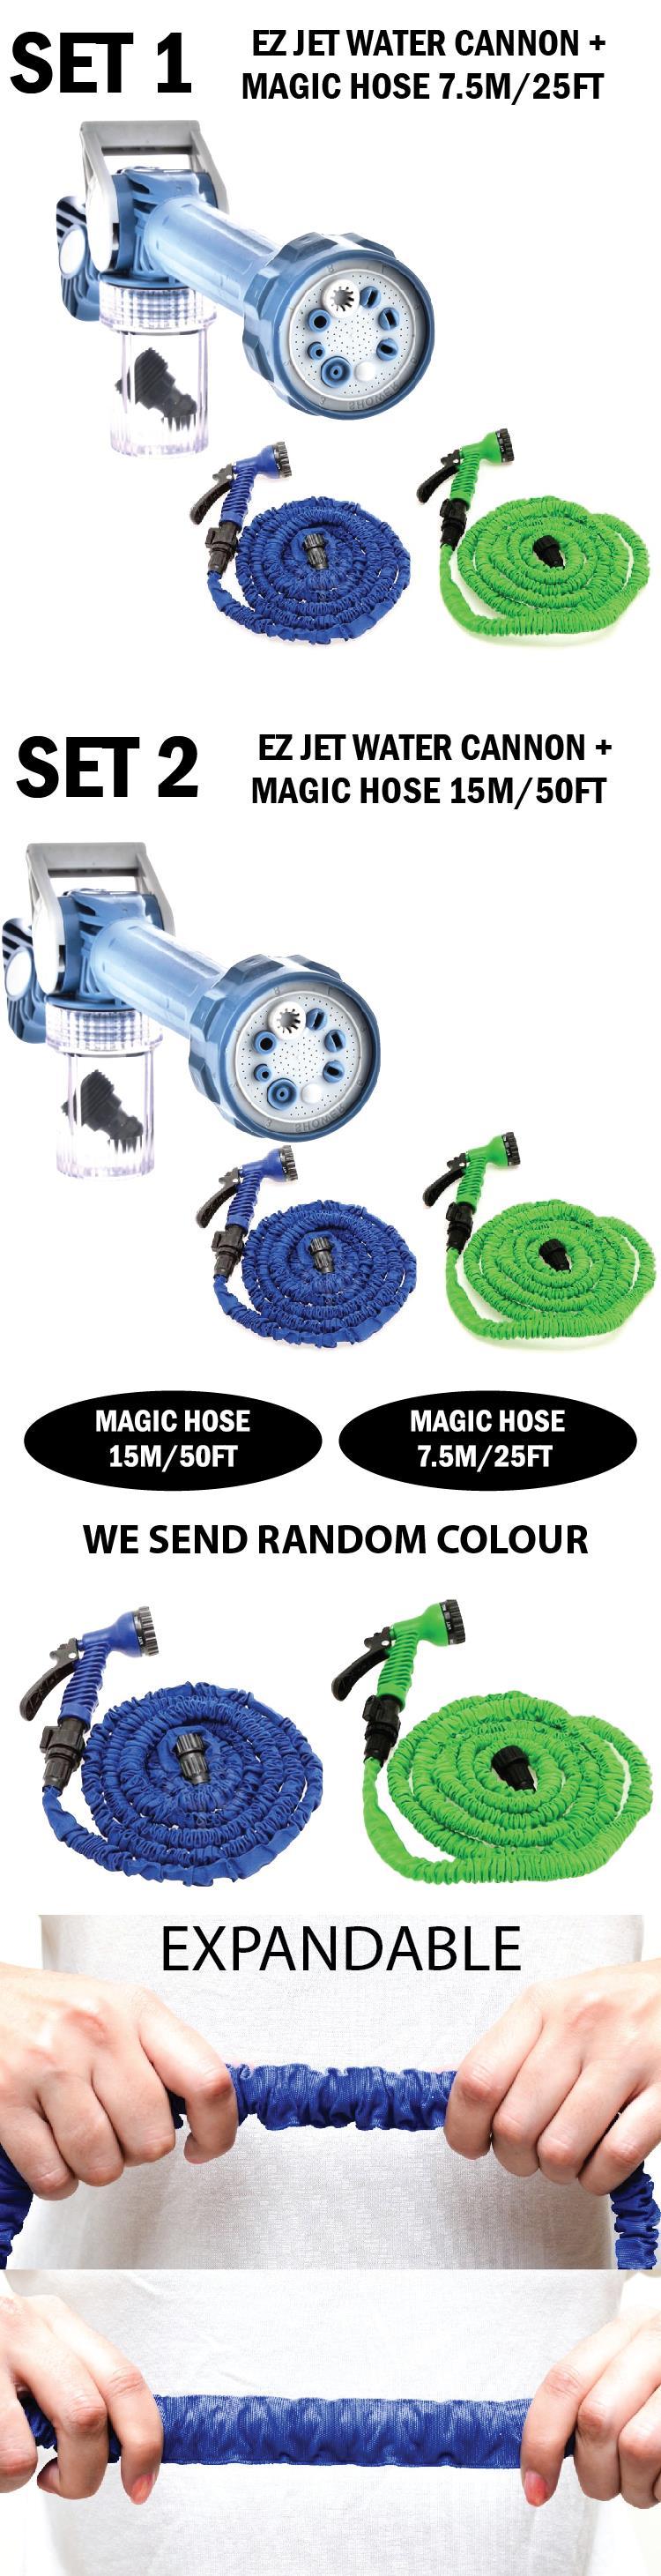 Set Ez Jet Water Cannon Magic End 3 15 2020 4 15 Pm